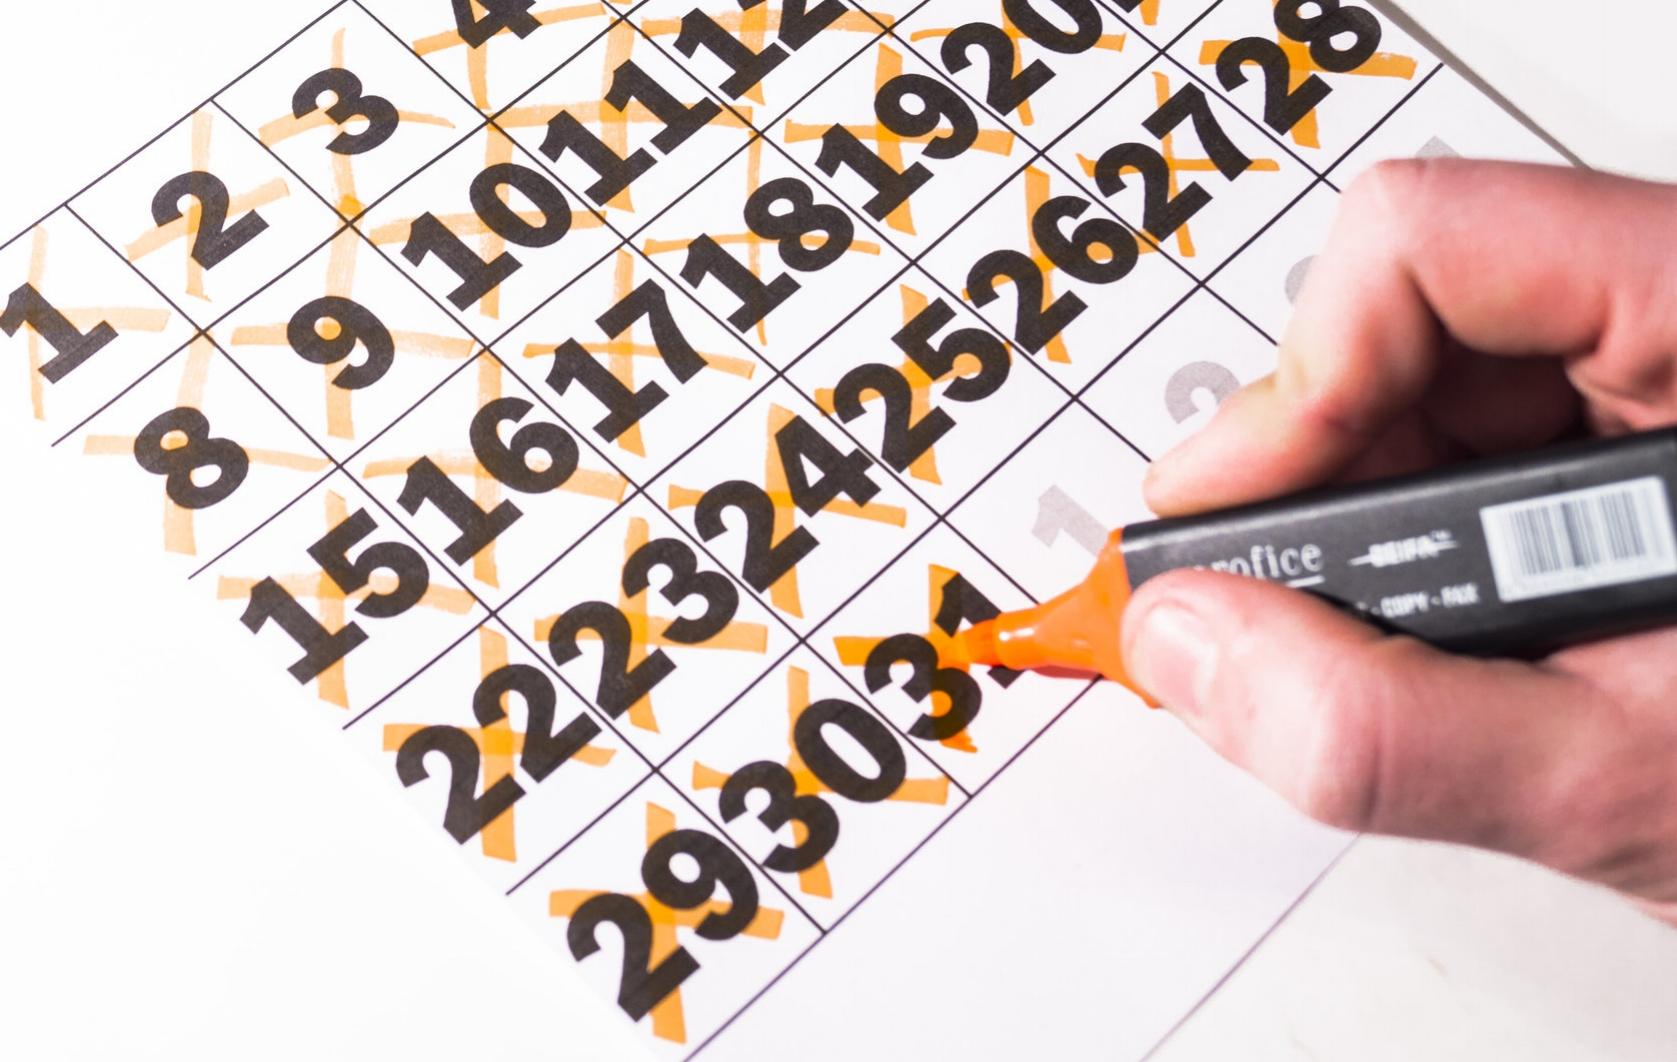 calendar-first-month-anniversary-76344.jpeg